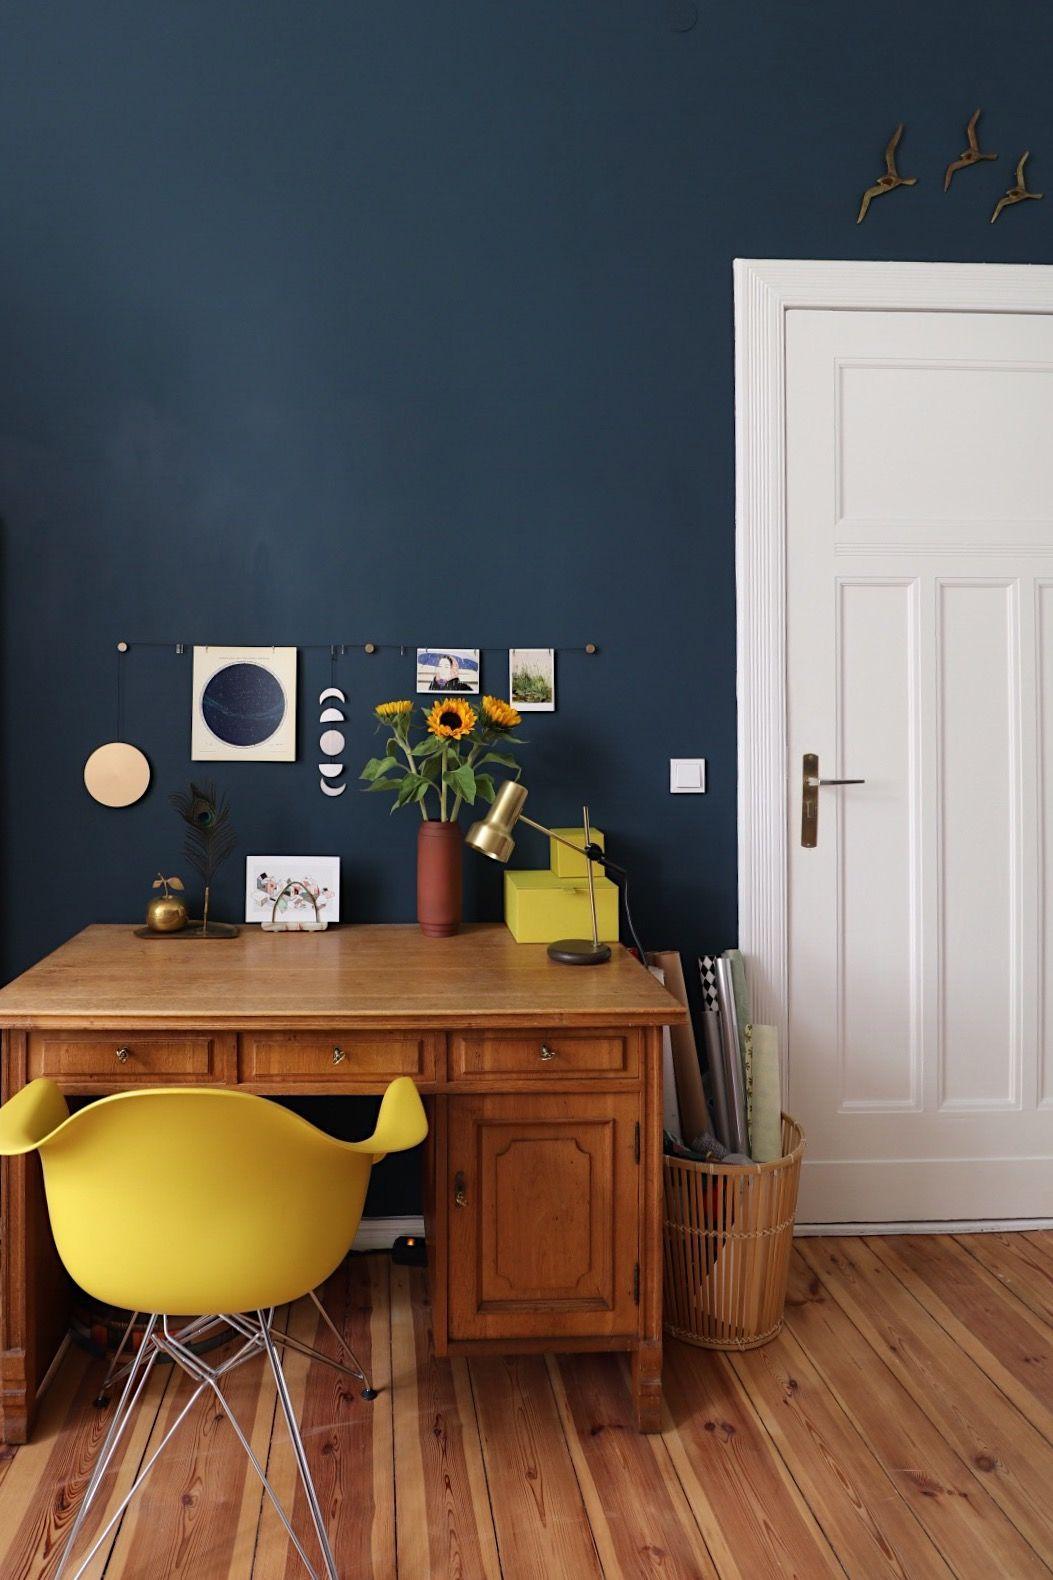 Wandfarbe Blau und Petrol: Die besten Ideen für Blautöne